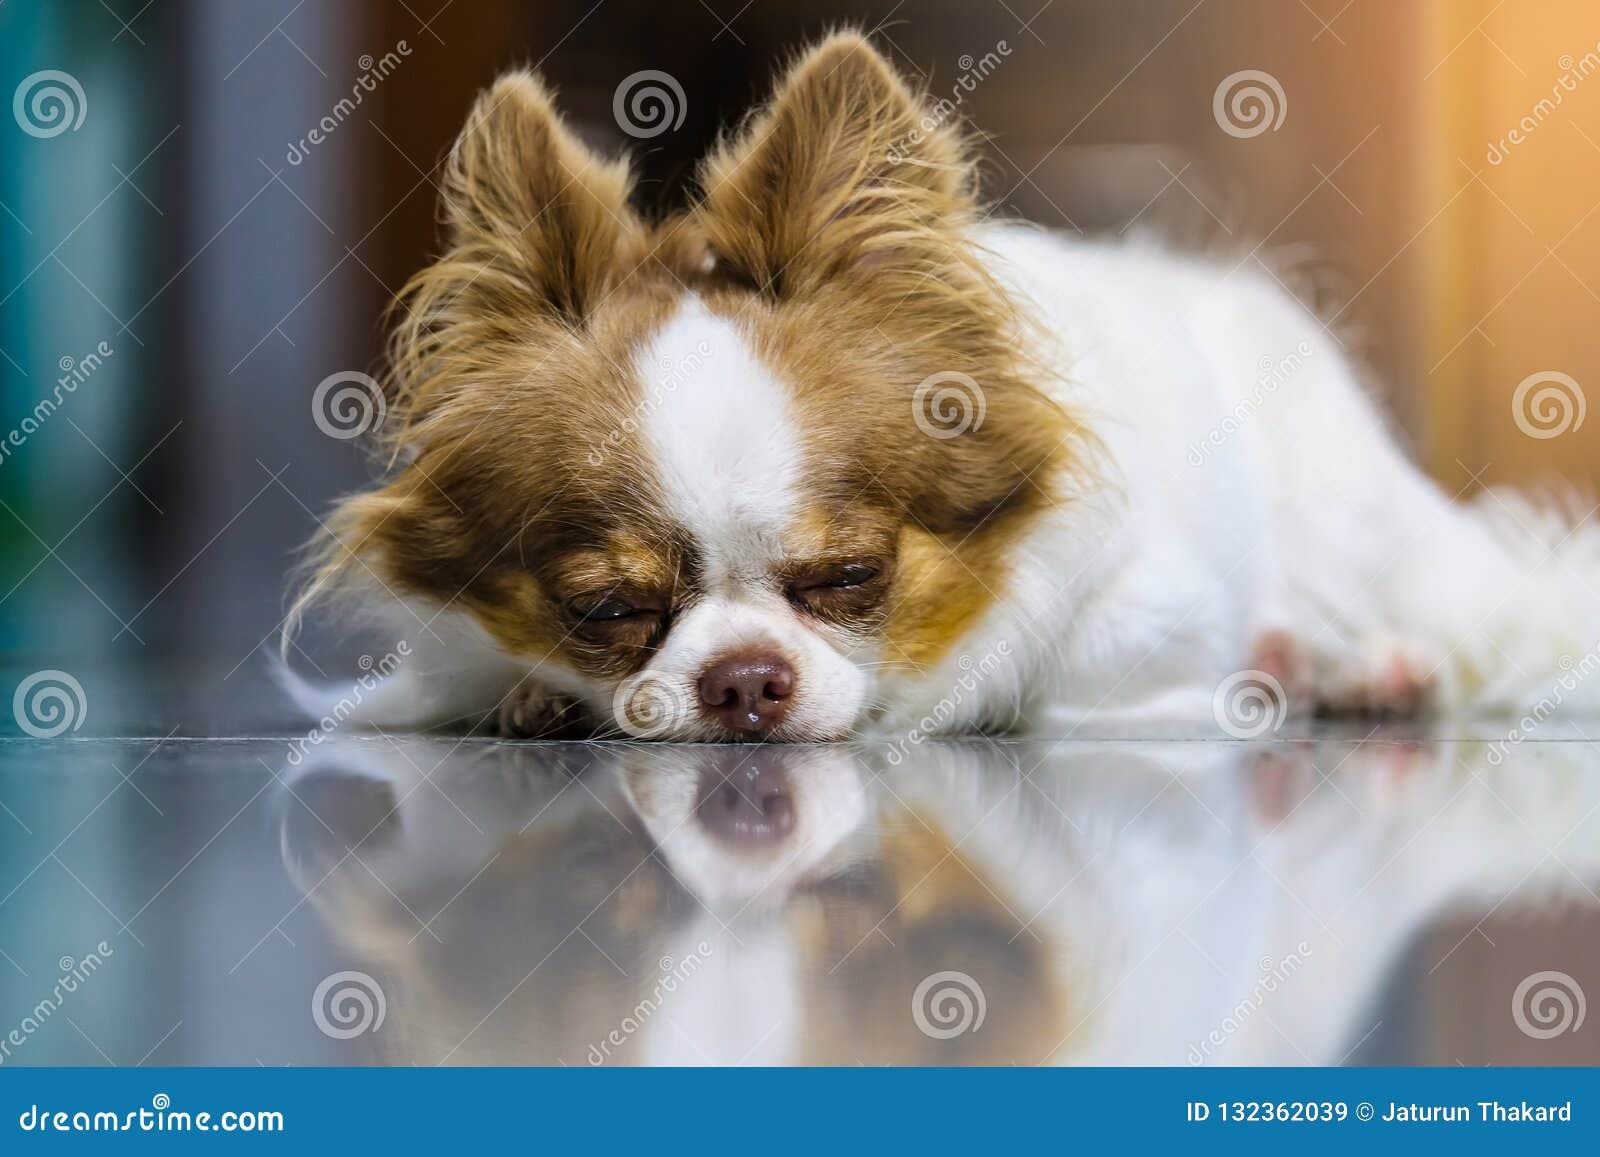 Close-up Luie hond, Leuke bruine en witte Chihuahua-slaap en het ontspannen op betegelde vloer